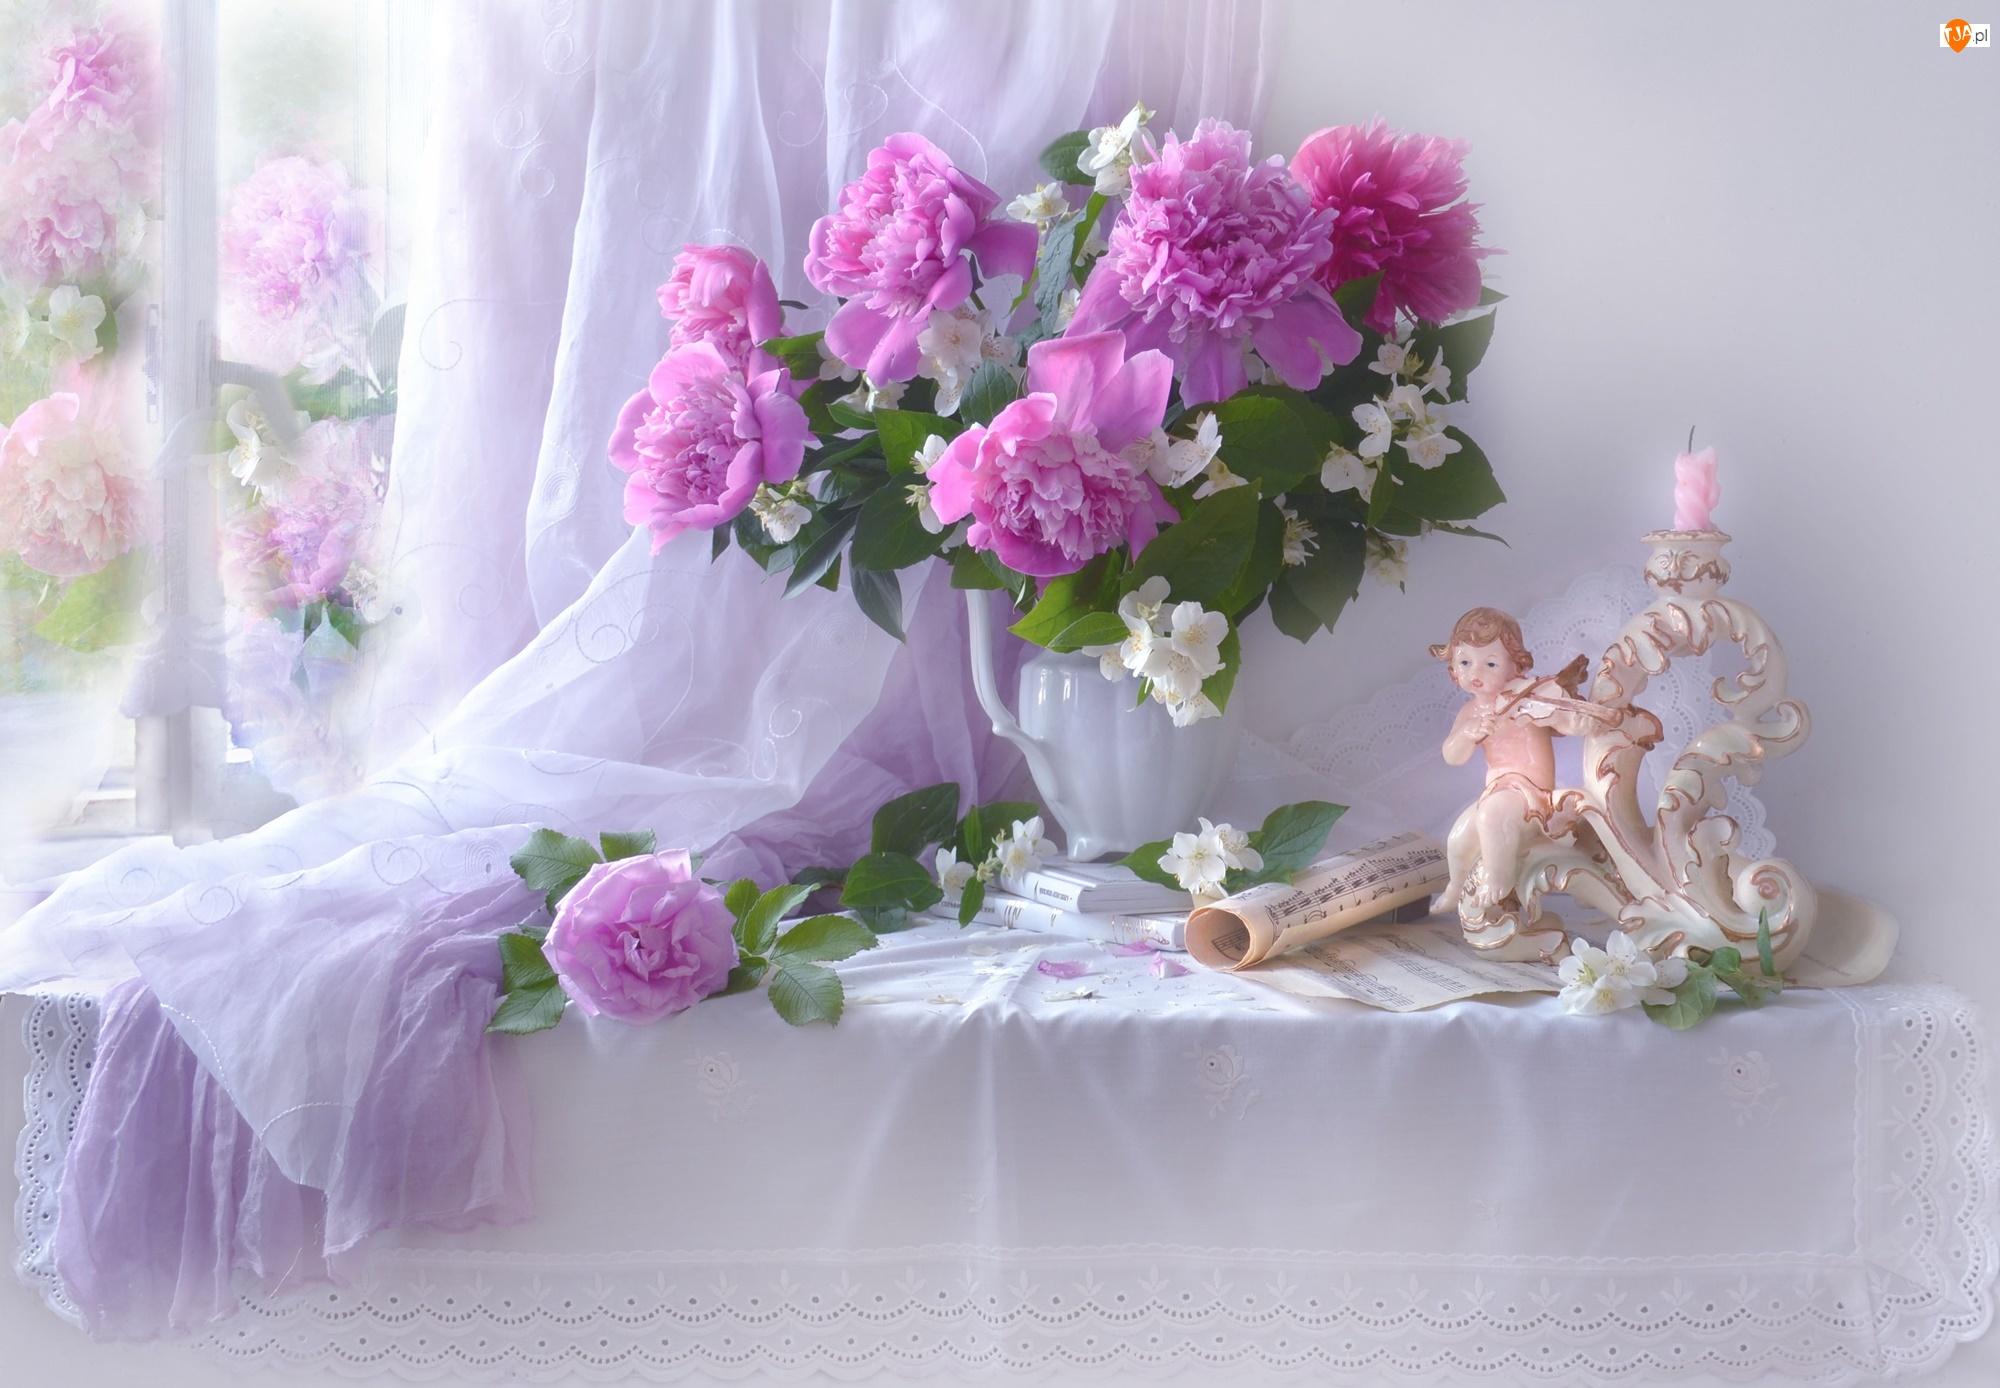 Piwonie, Bukiet, Tkanina, Kwiaty, Okno, Figurka, Świecznik